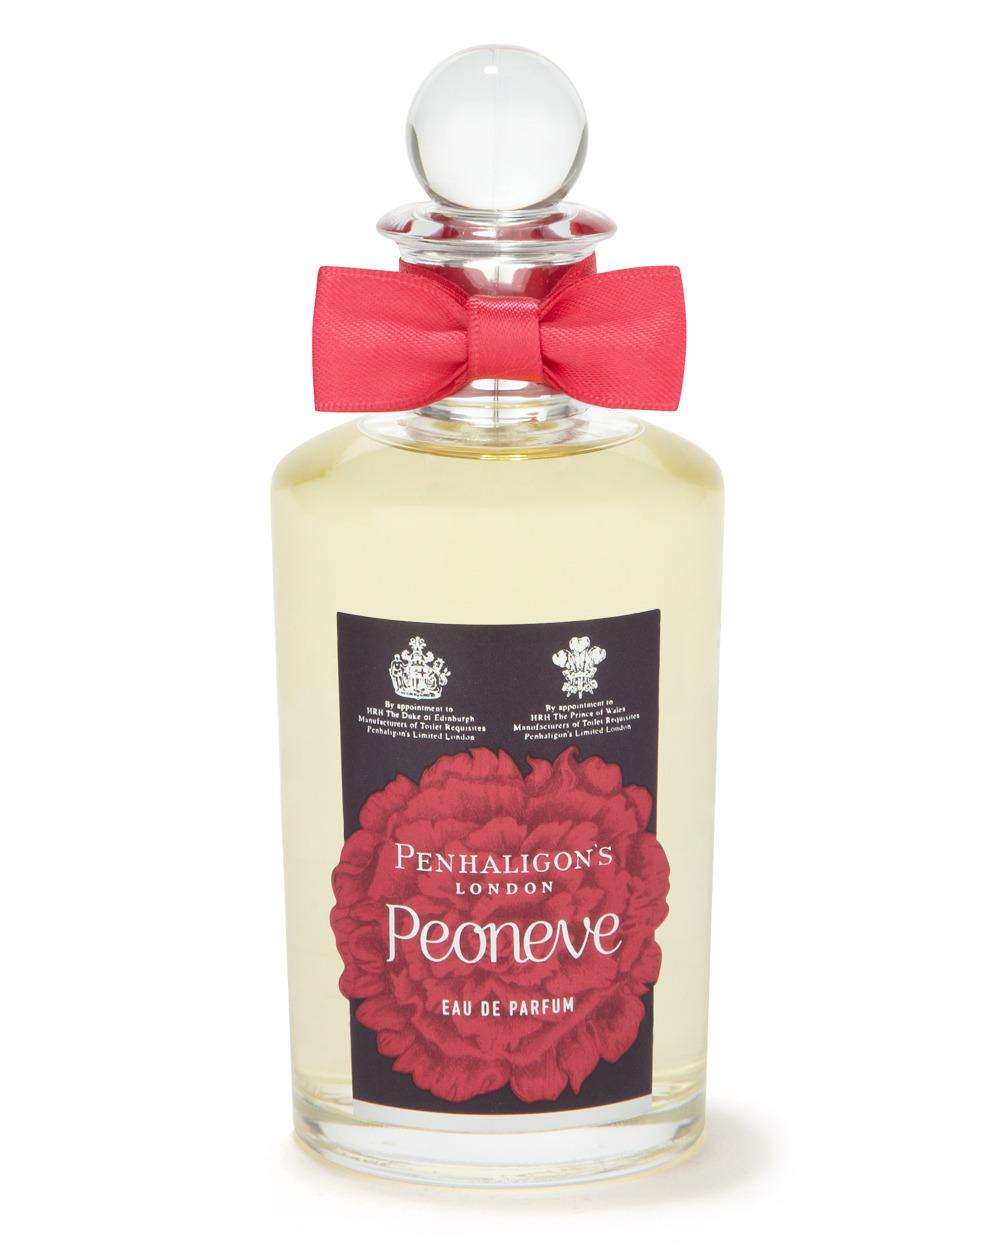 Parfum de chez Penhaligons : Peoneve. Le must du chic à l'anglaise.